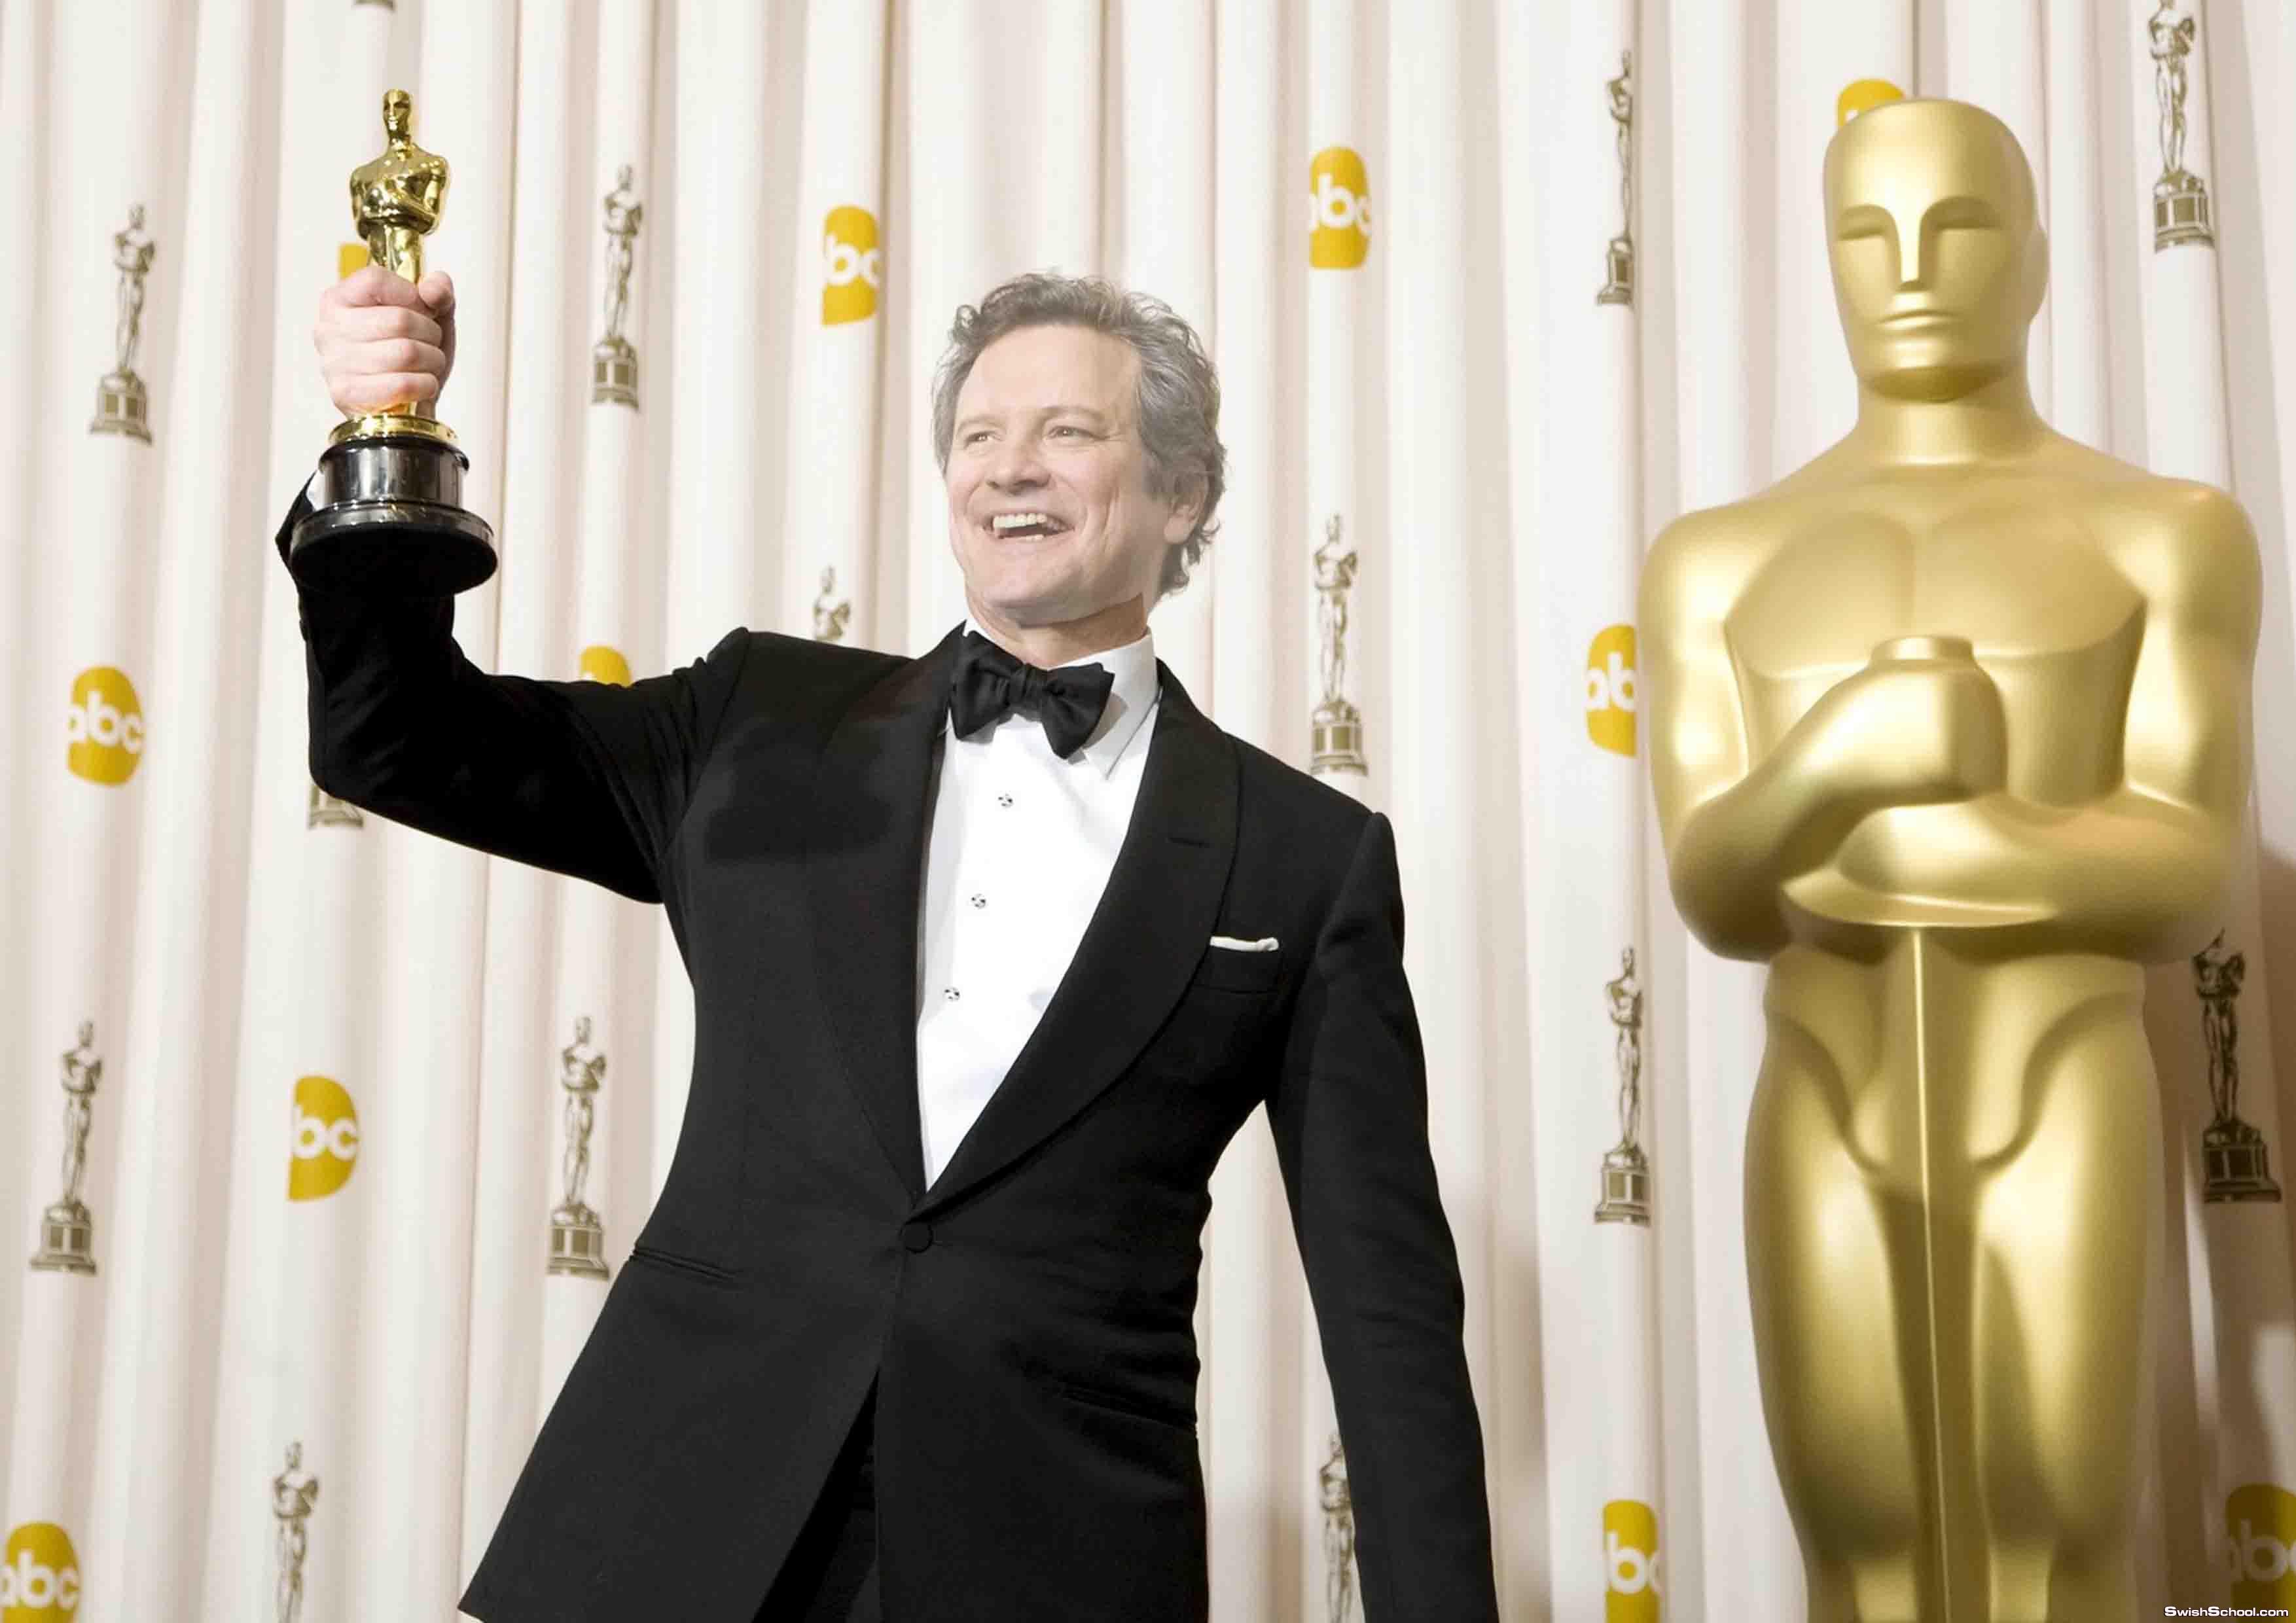 حصرى قالب لراجل ياخذ جائزة اوسكار Oscar